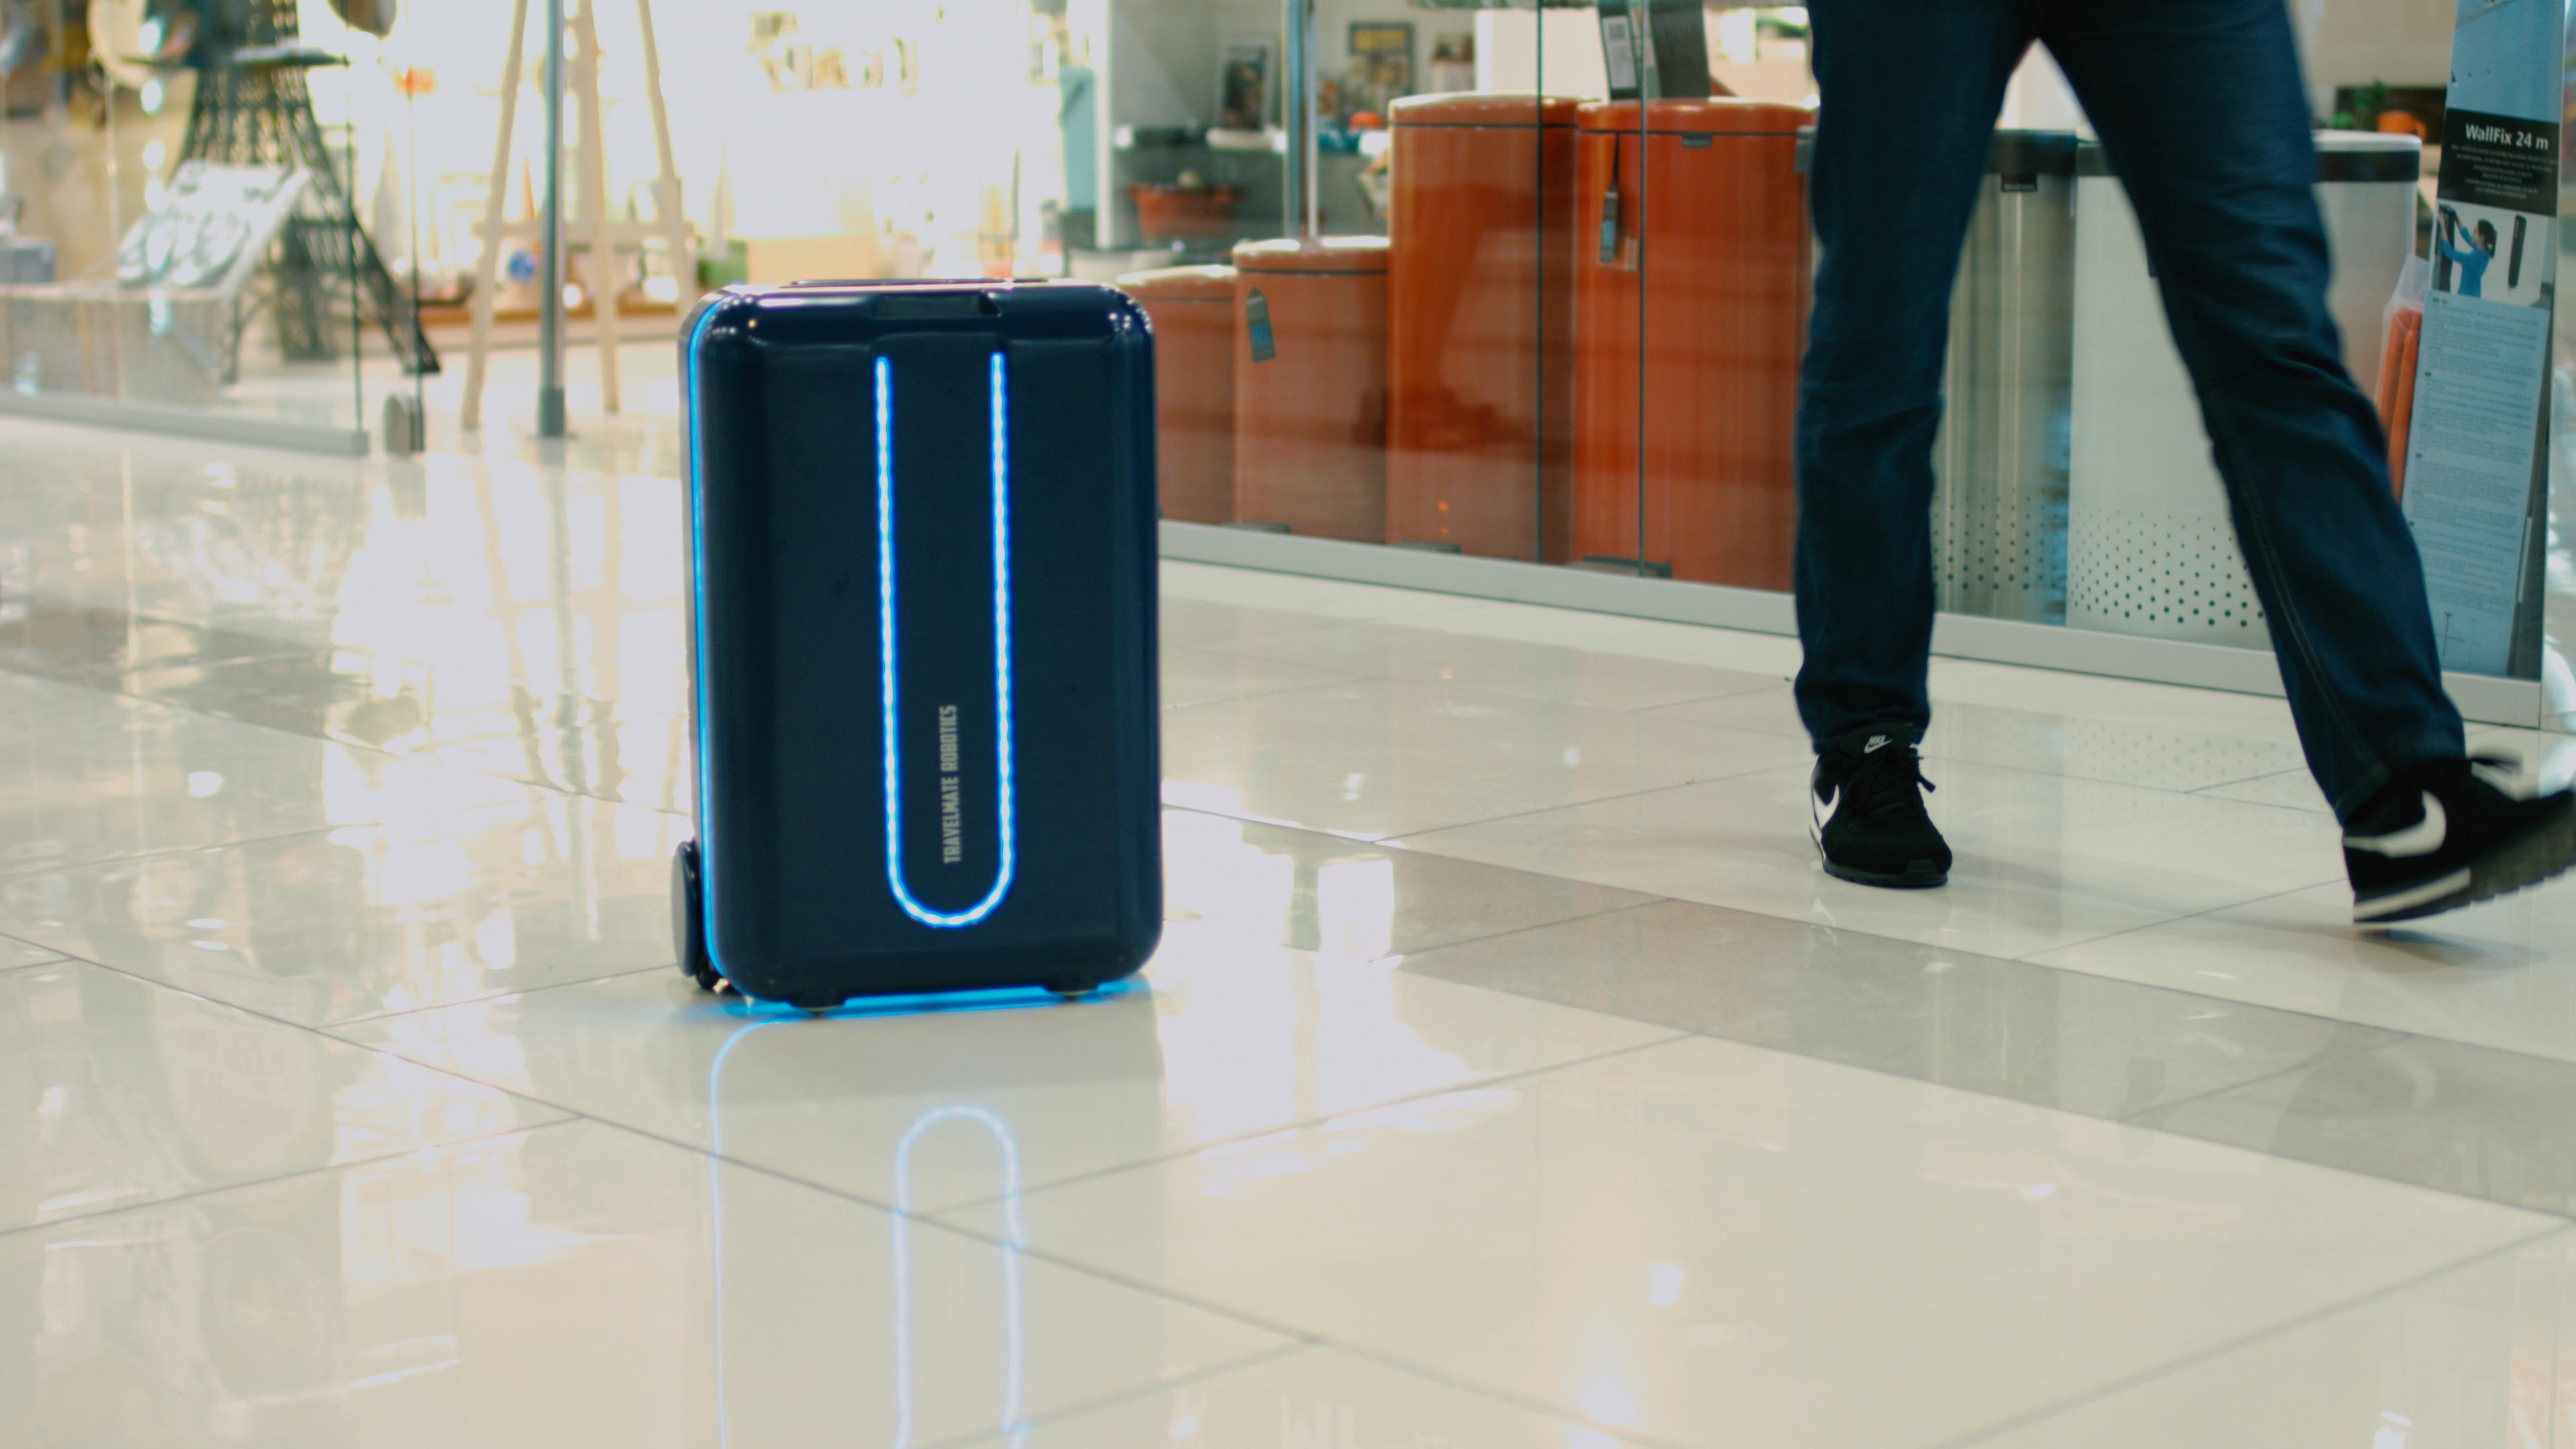 travelmaterobotics